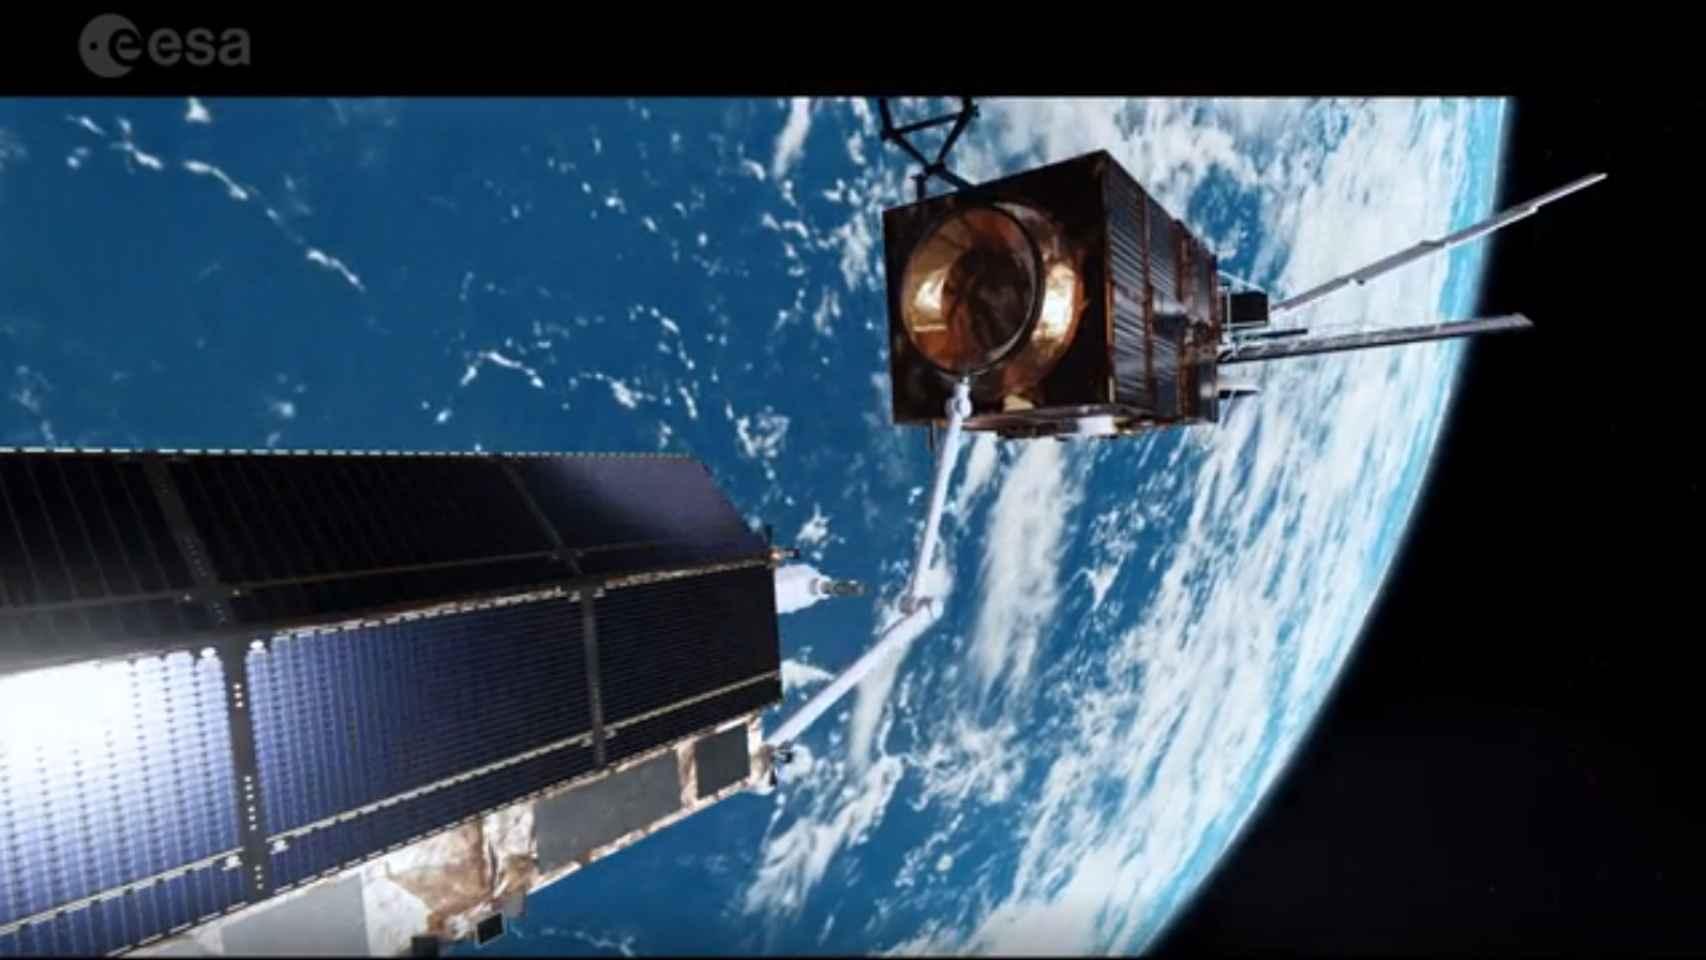 Un sistema de láser para descolocar la basura espacial, propuesto por la ESA.